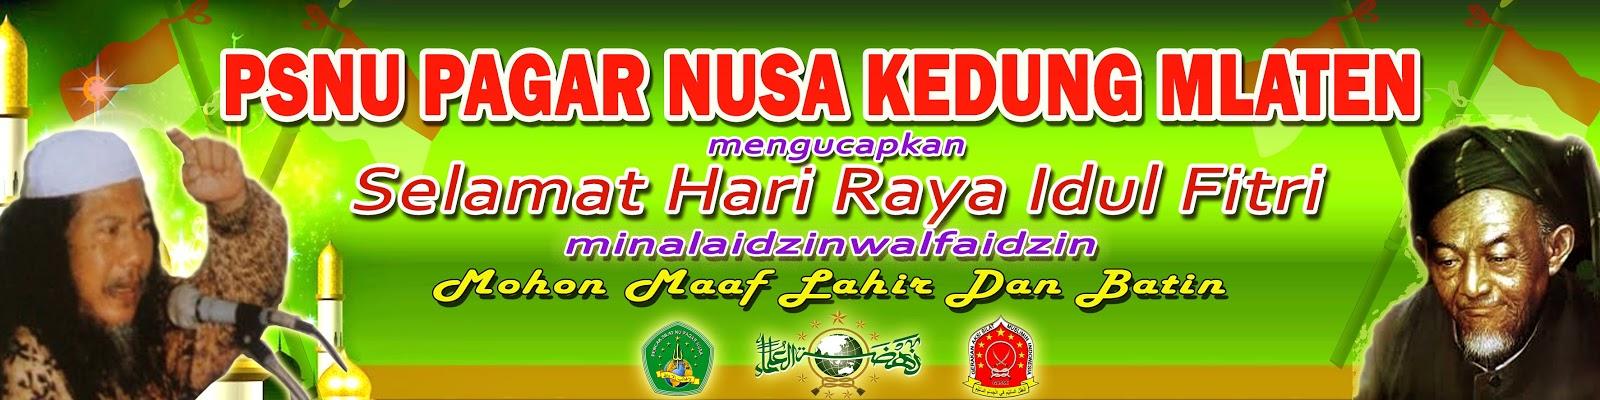 82 Foto Desain Banner Pagar Nusa Terbaik